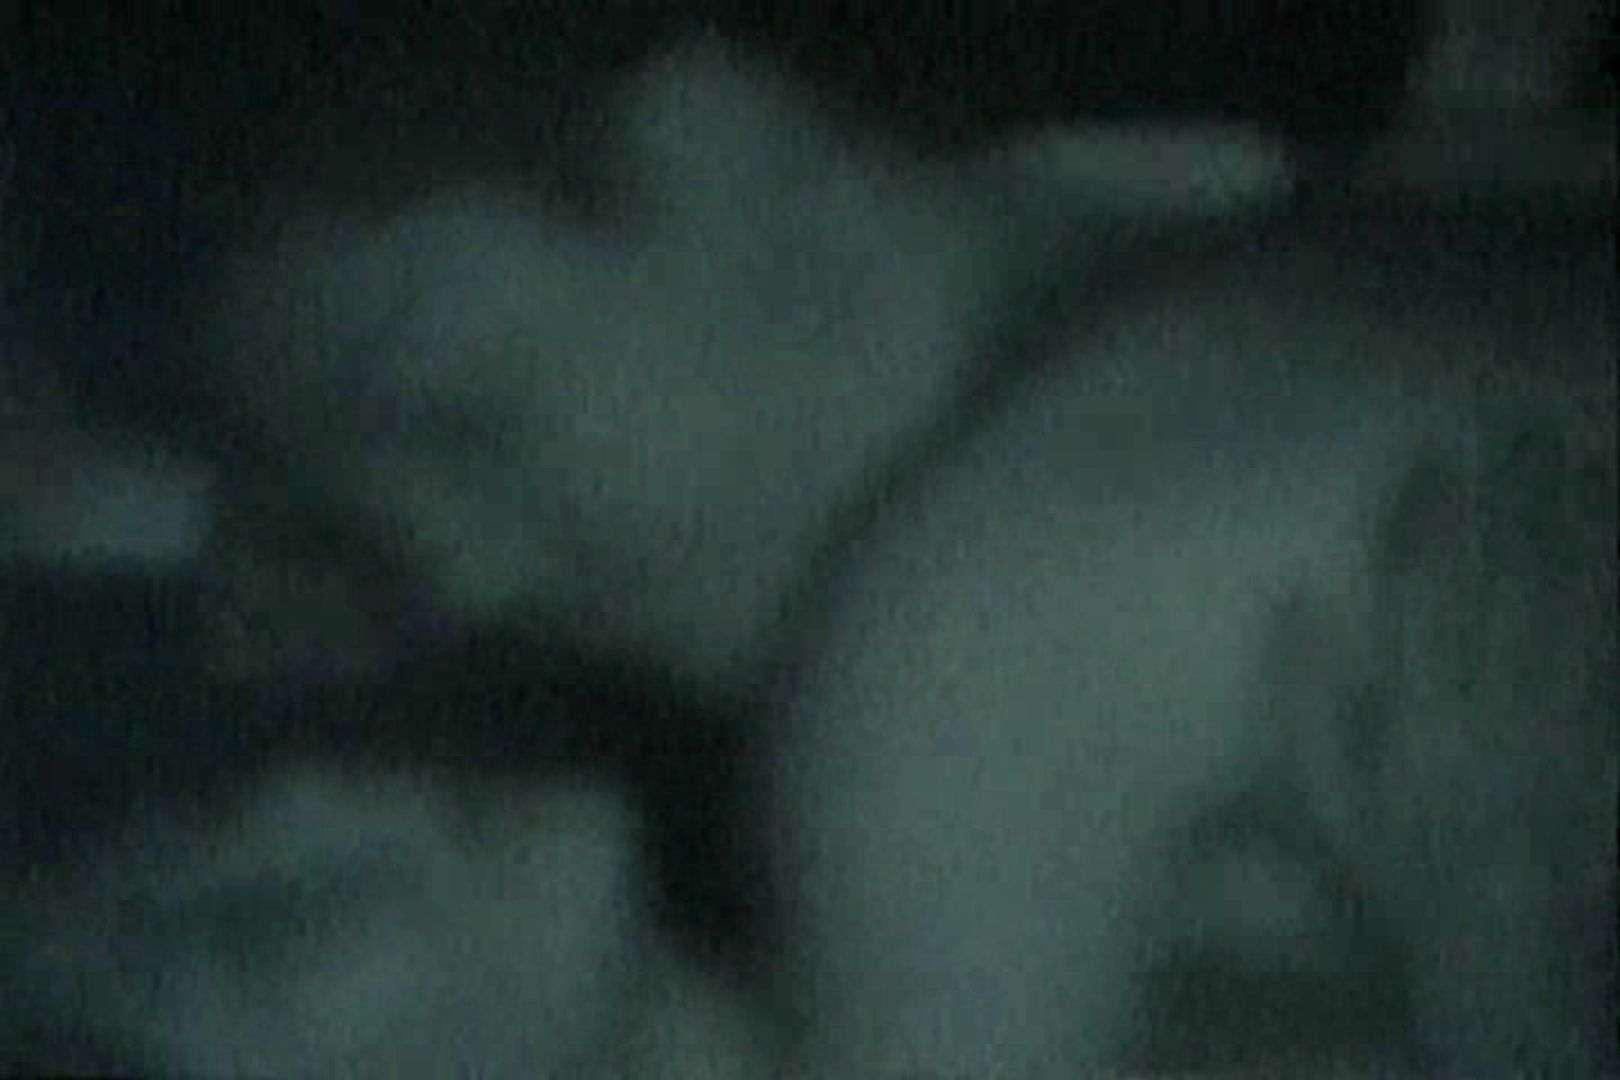 充血監督の深夜の運動会Vol.125 巨乳 オマンコ無修正動画無料 63画像 36